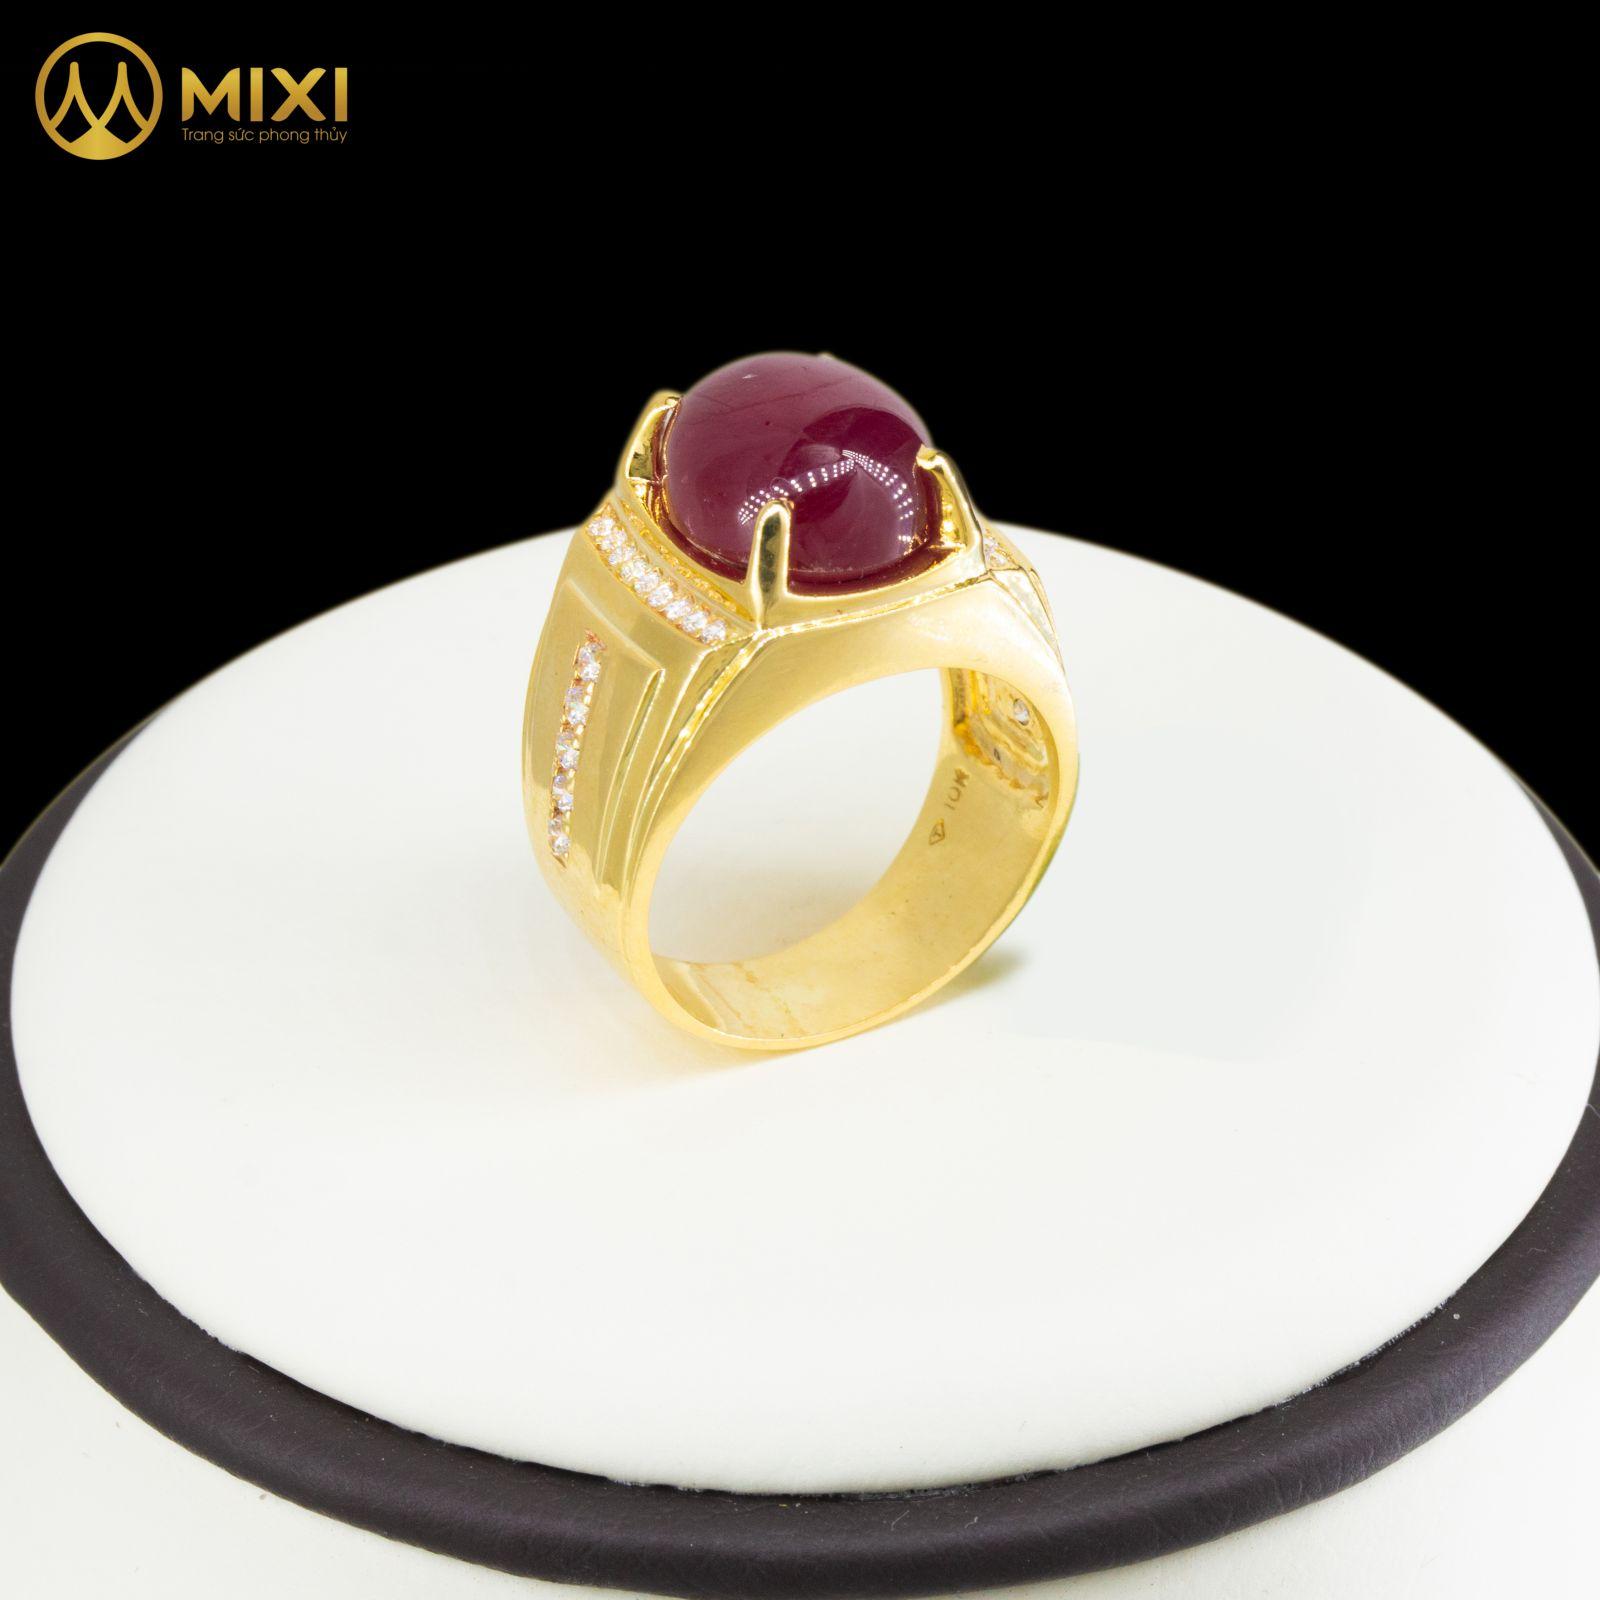 Nhẫn Nam Mặt Đá Ruby 2A Hình Oval Vàng 10K